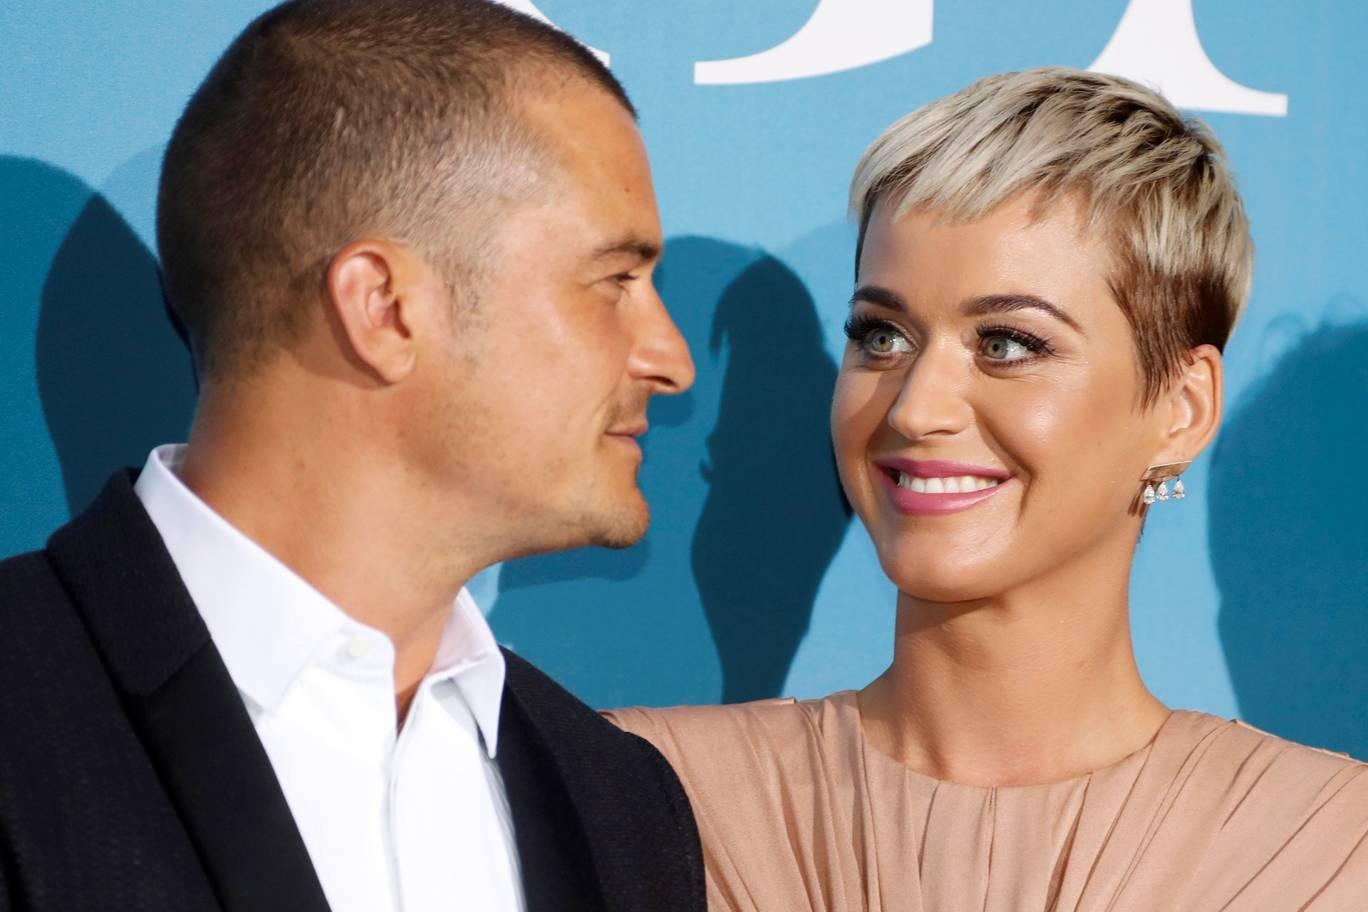 Los famosos eligieron la fecha más célebre del amor para comprometerse y contarlo.